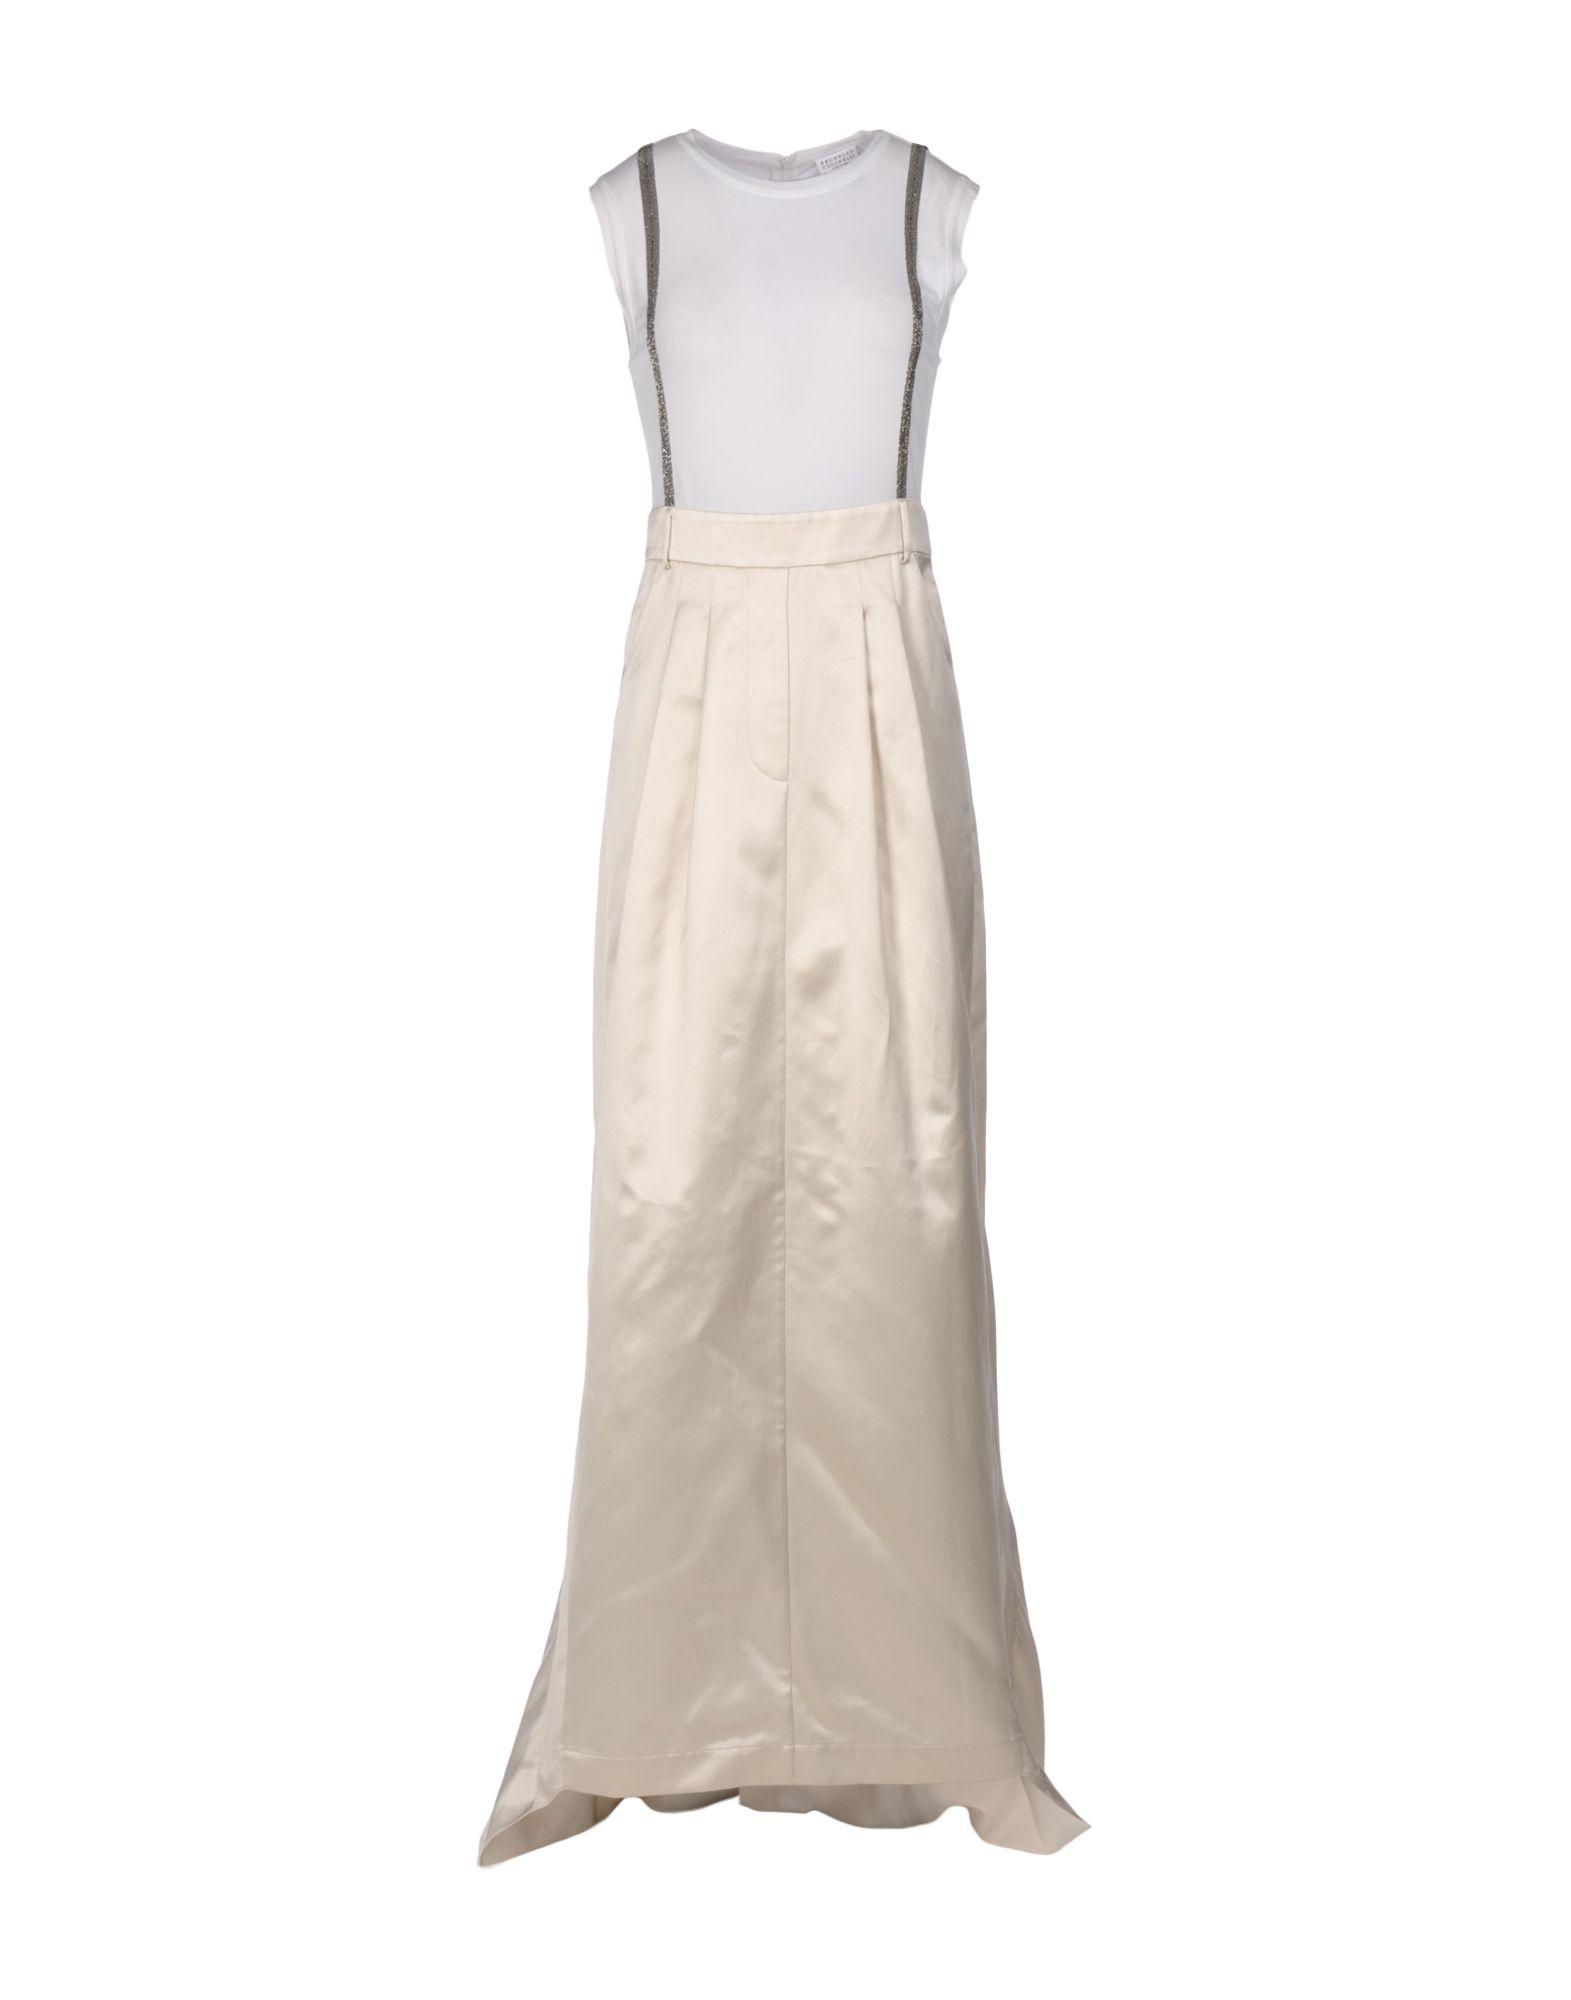 BRUNELLO CUCINELLI Damen Langes Kleid Farbe Weiß Größe 5